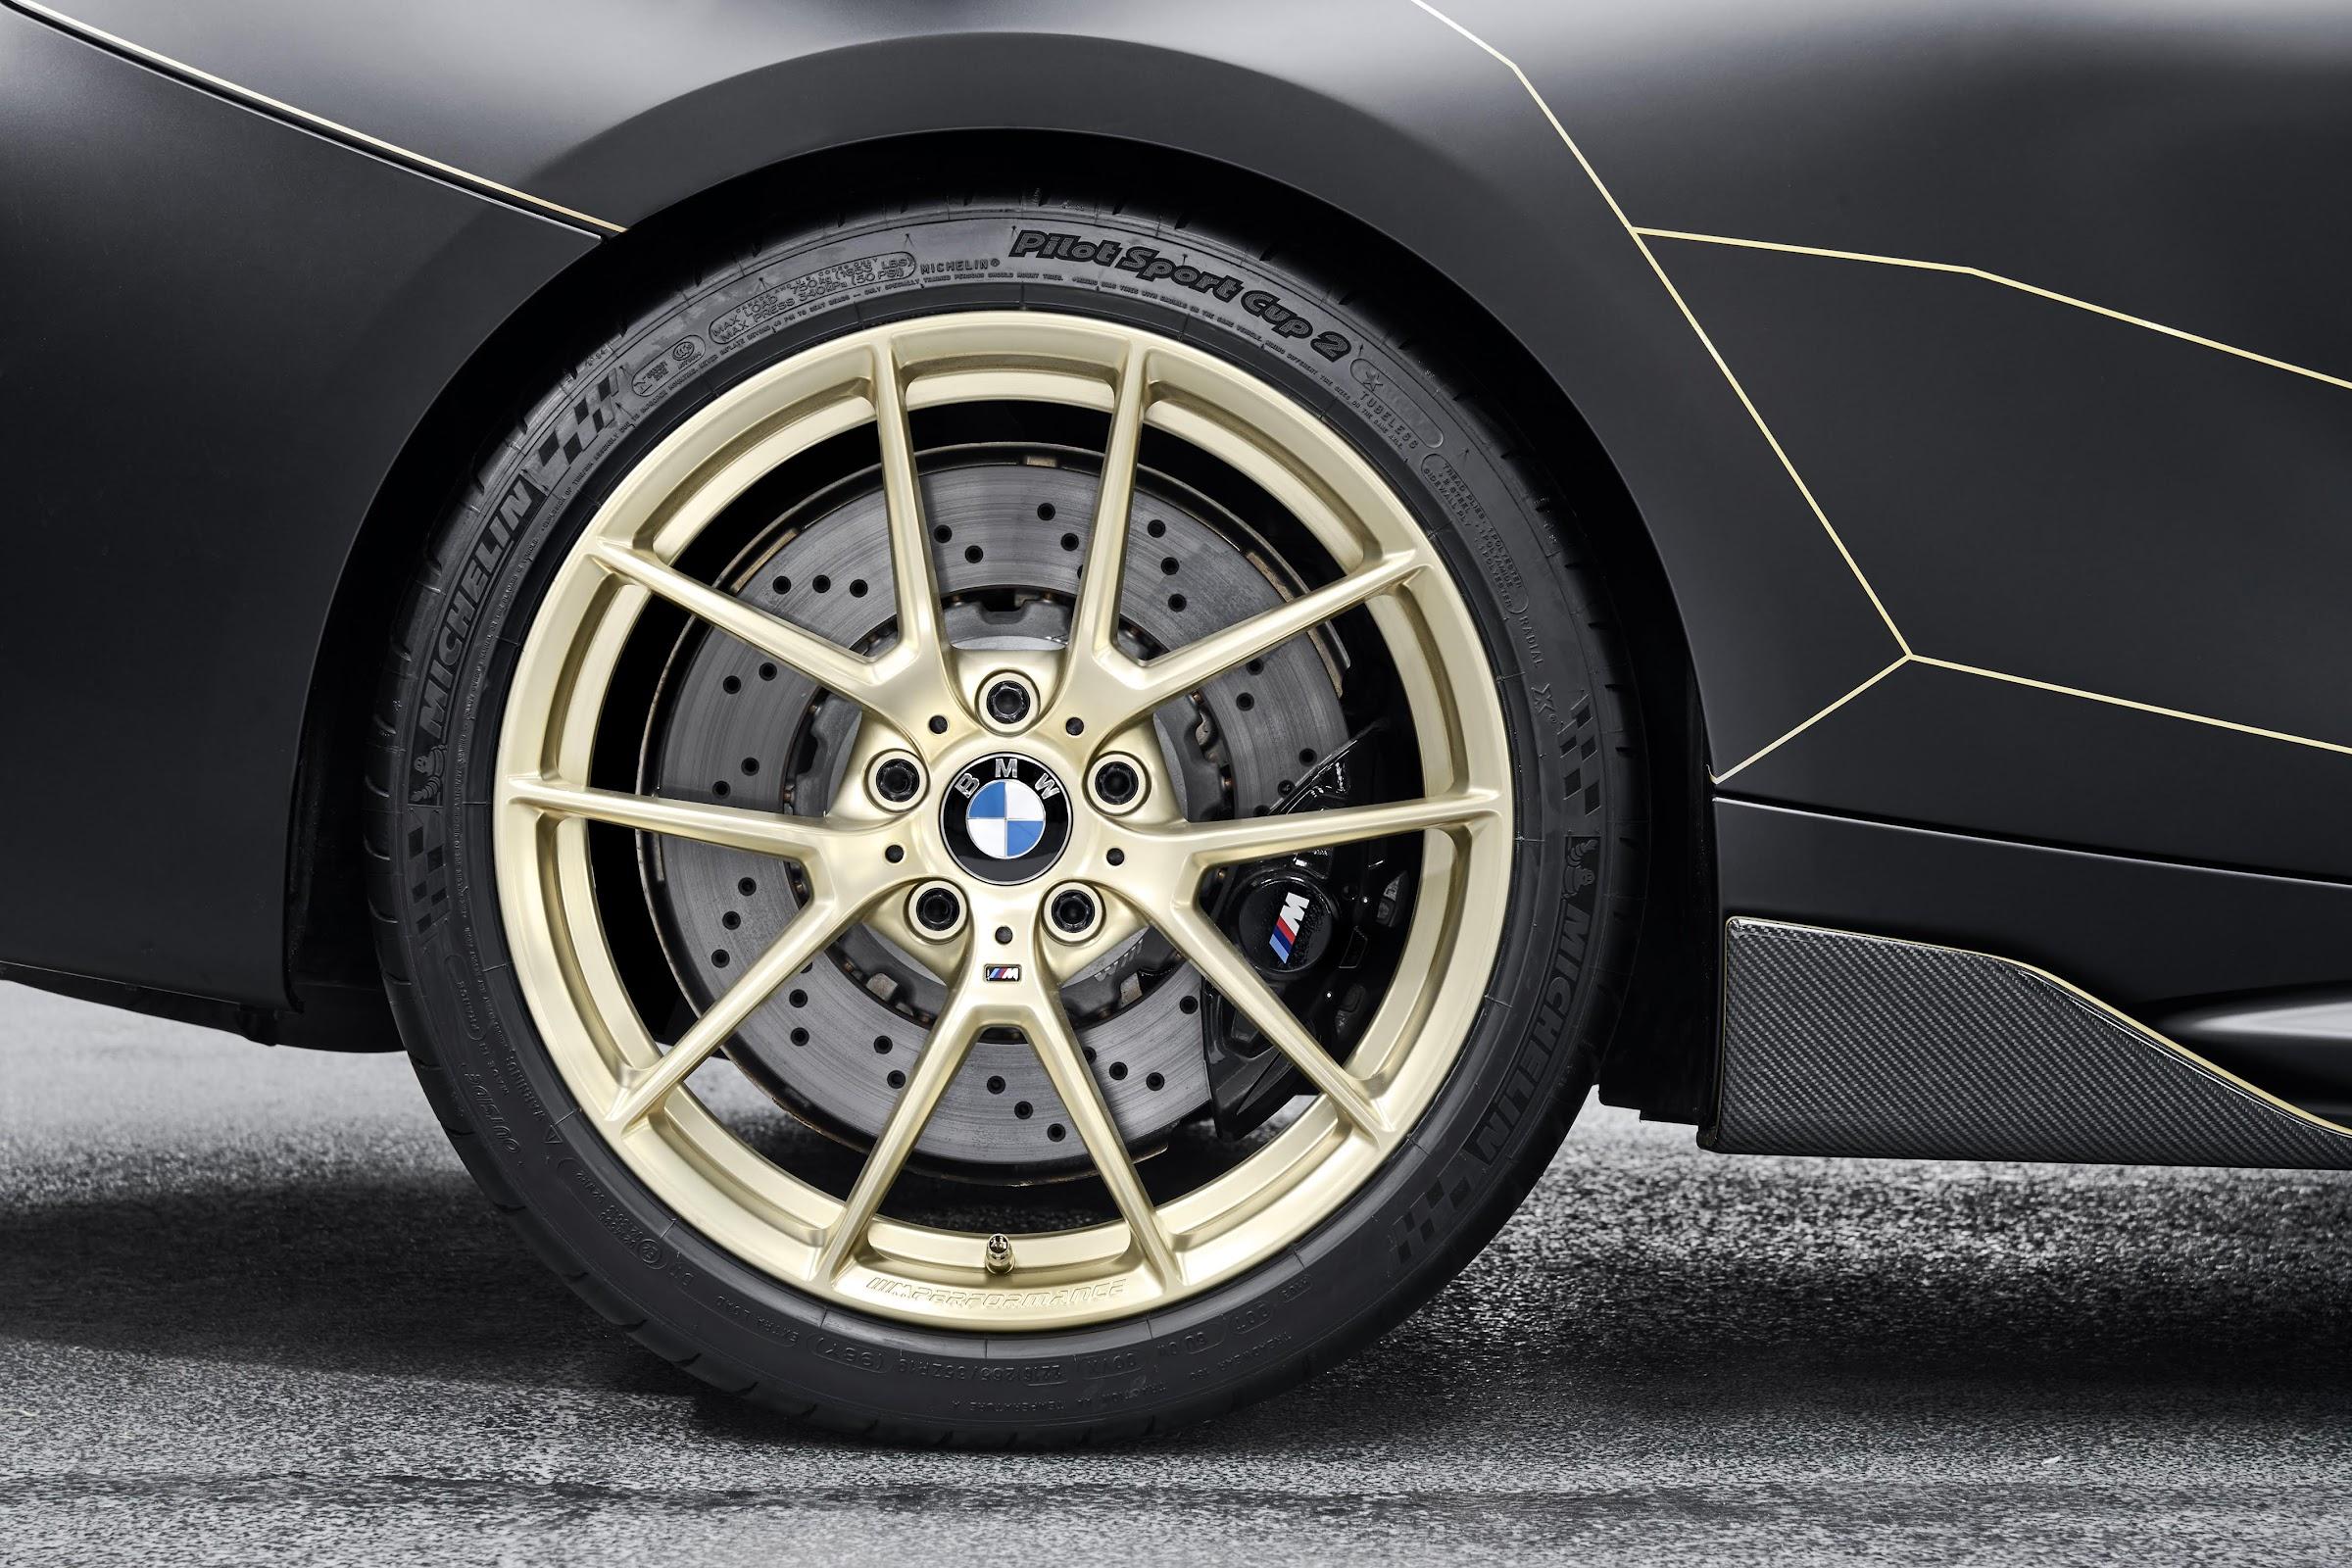 4MuTMR0lWbAcNg s6MA08zSri6XriwCHUebiU7D pNI0qNOws0Ht 8H1uYxCUEnKnQGazwn4gDj vQkIiZiKOIVFbl8LdeN7j k8mmjL0QSf 1TKoTZoVG59wYmledxfbAC2fnz1Ww=w2400 - Nuevo BMW M Performance Parts Concept